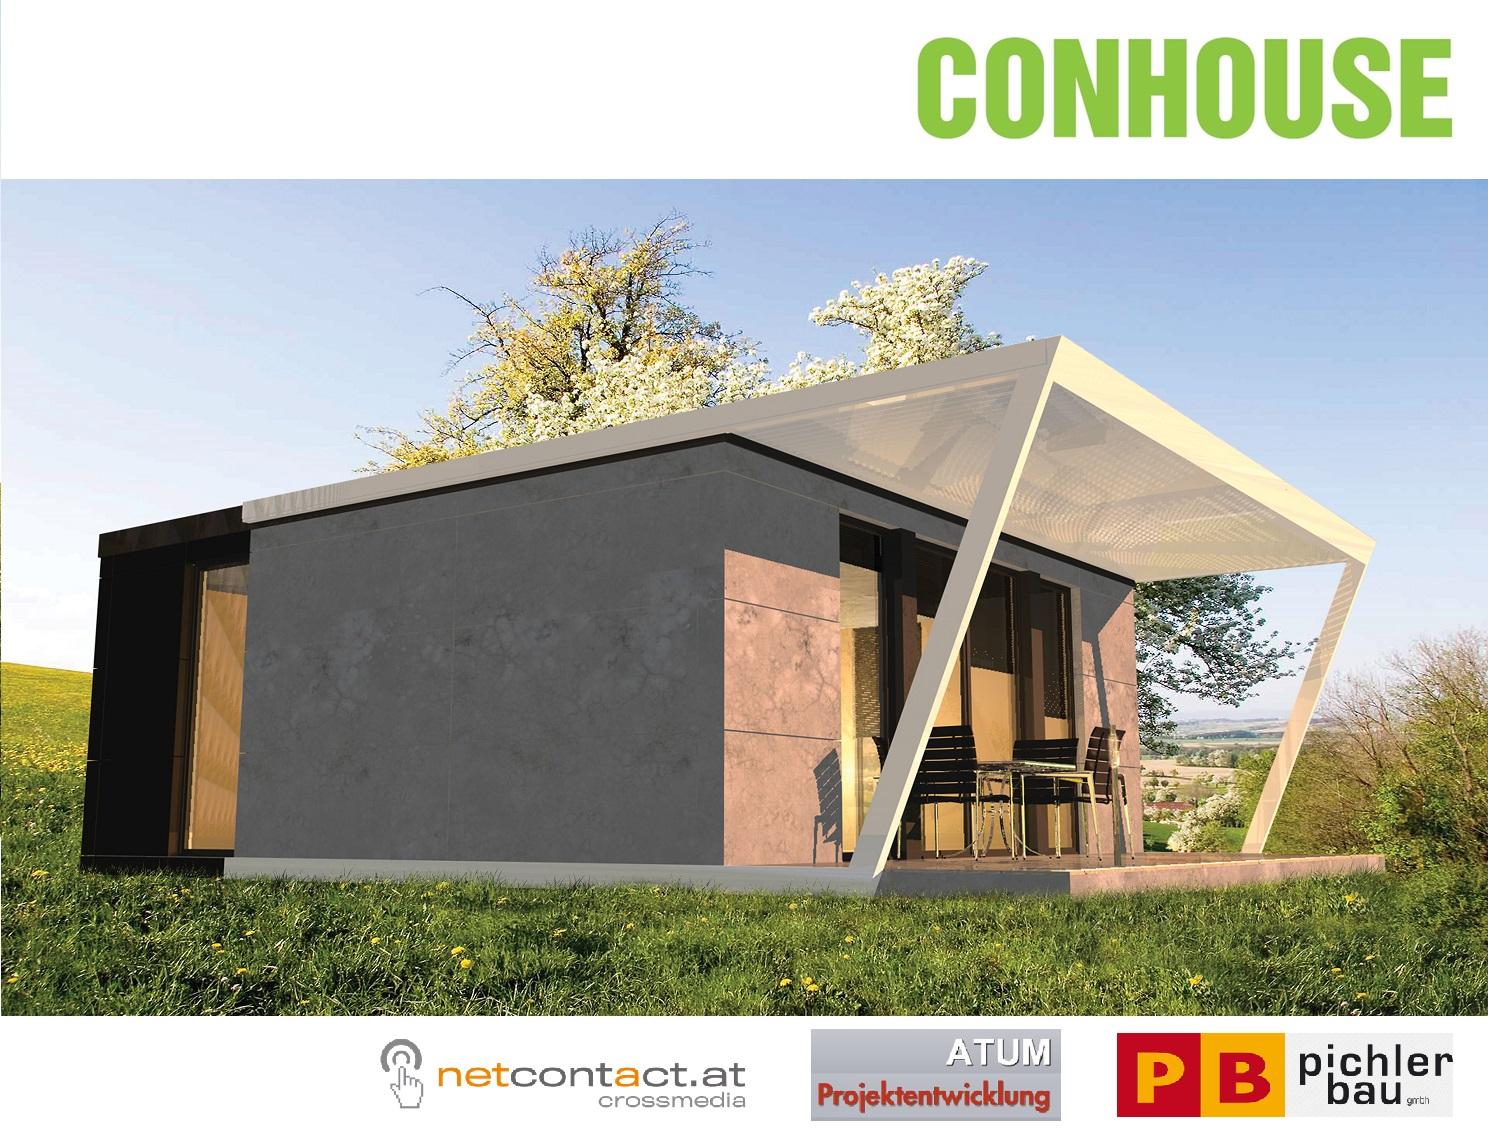 Conhouse ATUM